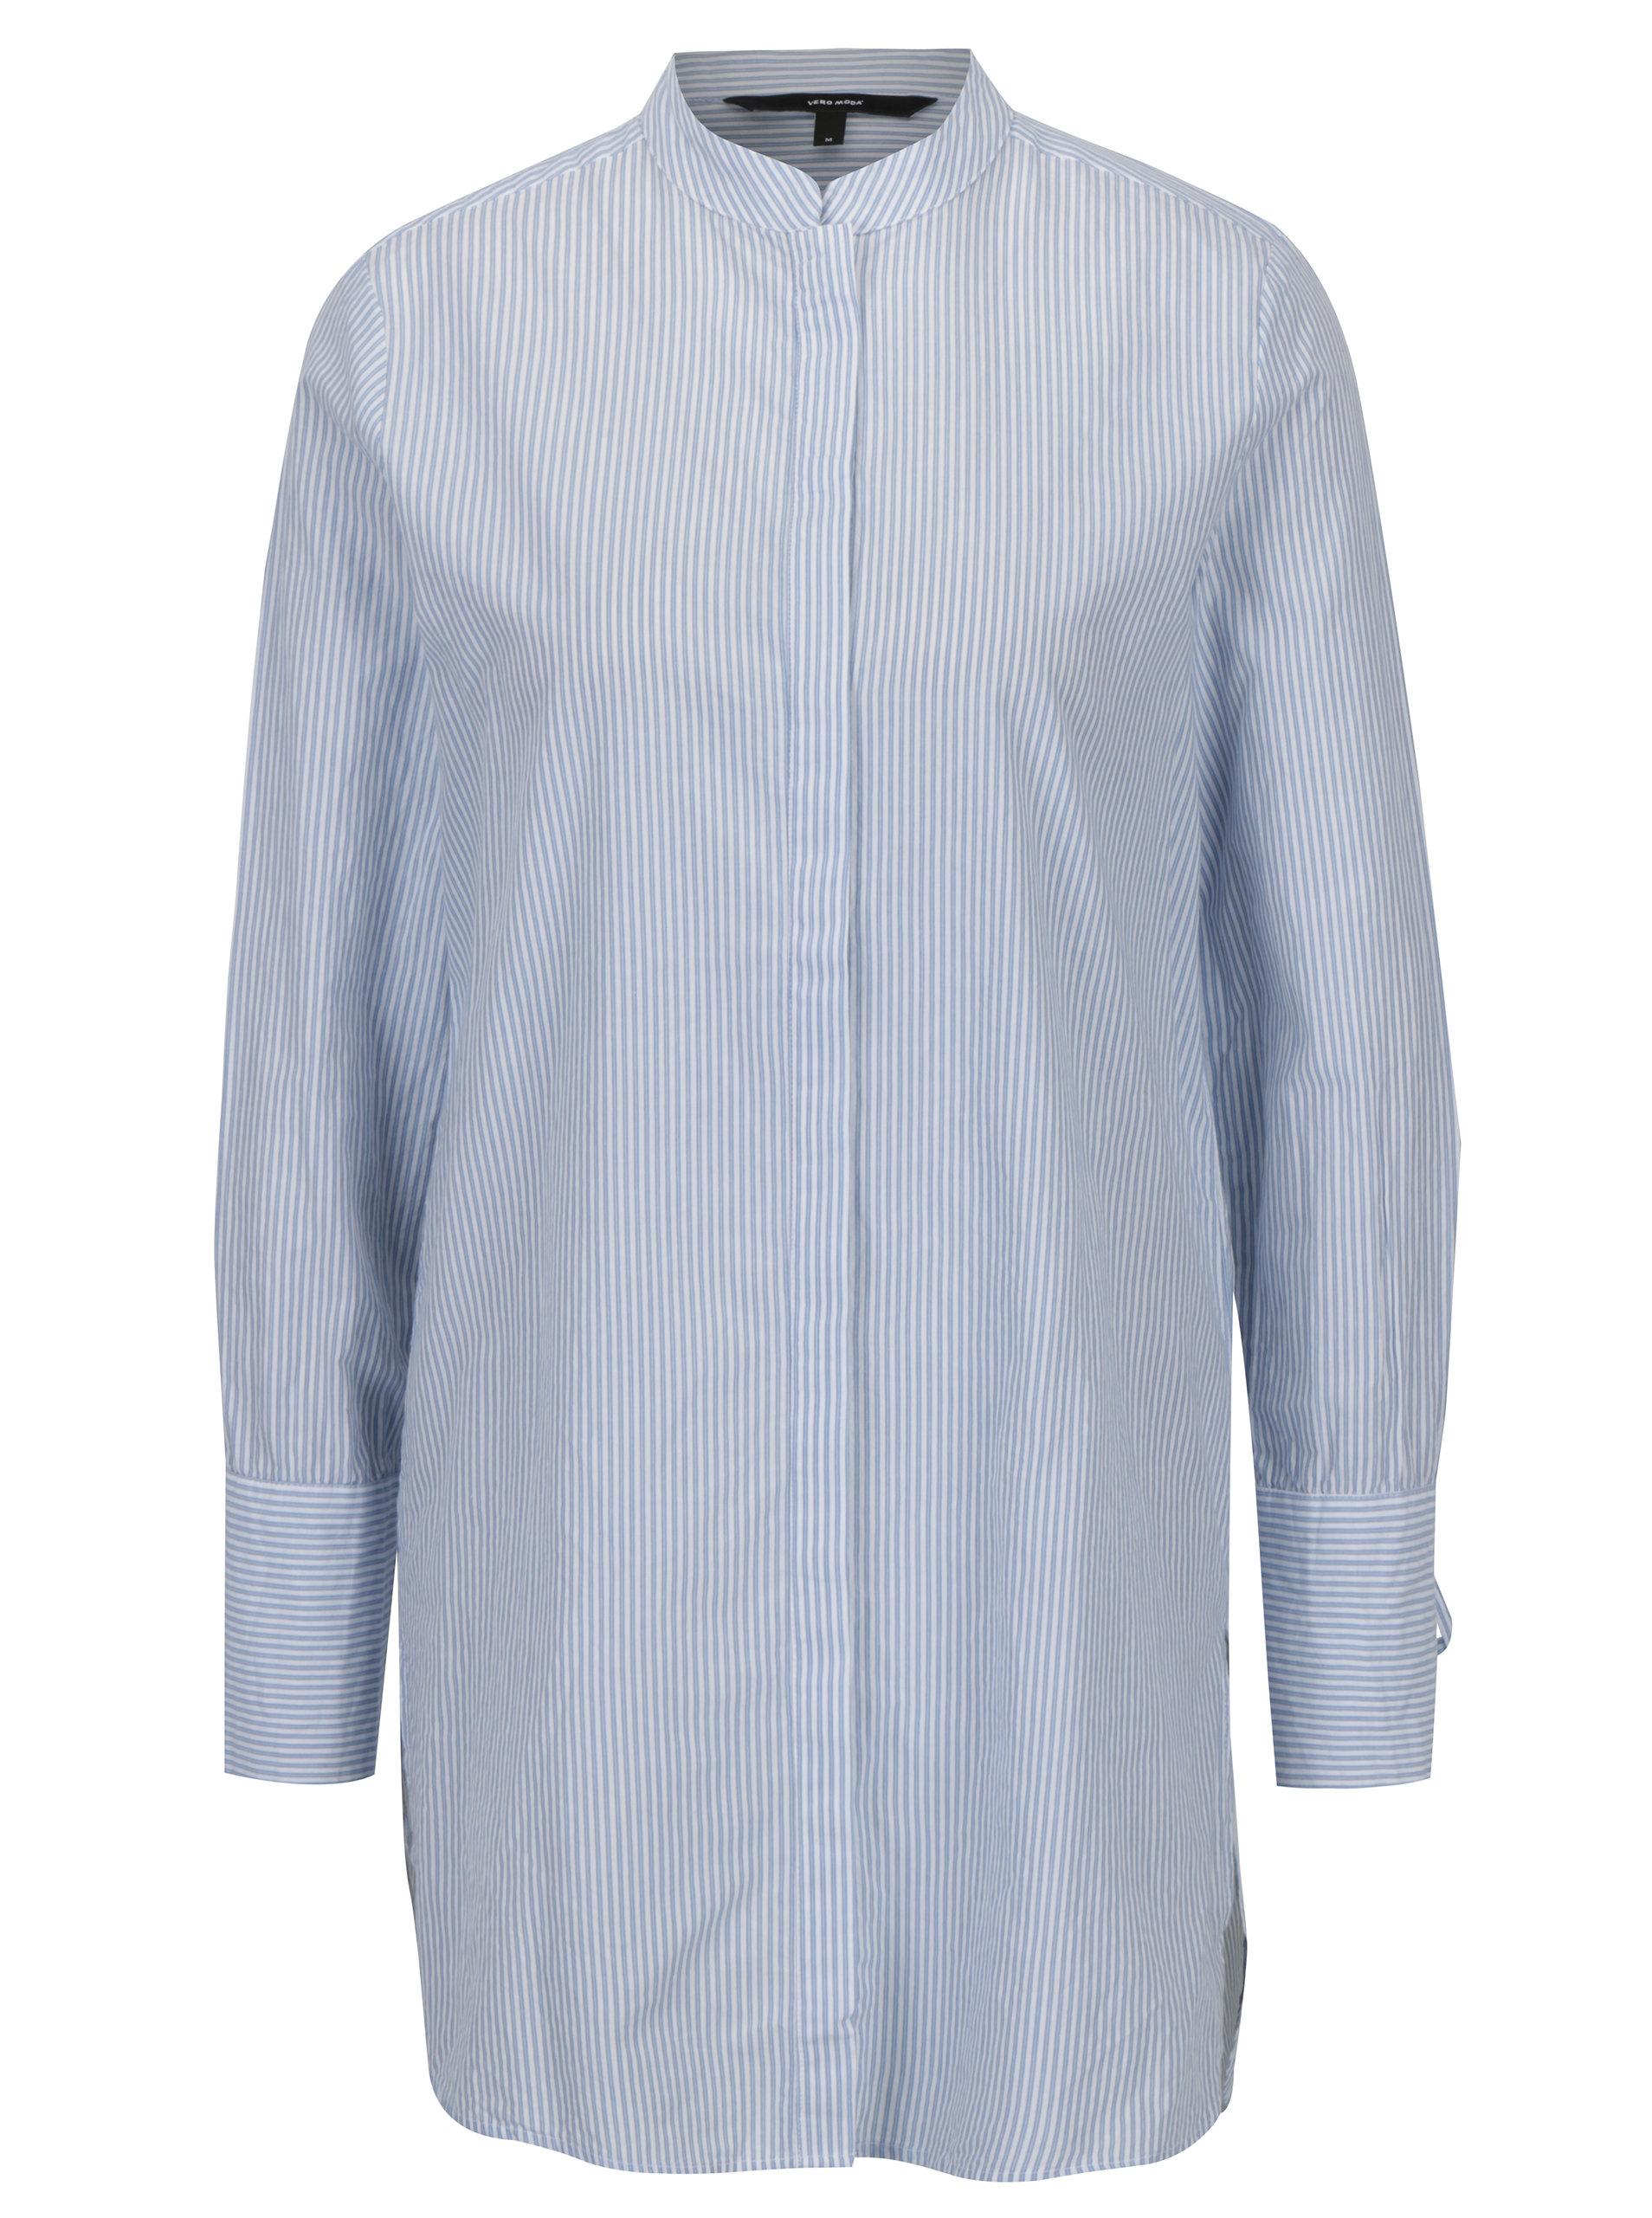 1c5c6e685a00 Modro-biela dlhá košeľa VERO MODA Juljane ...